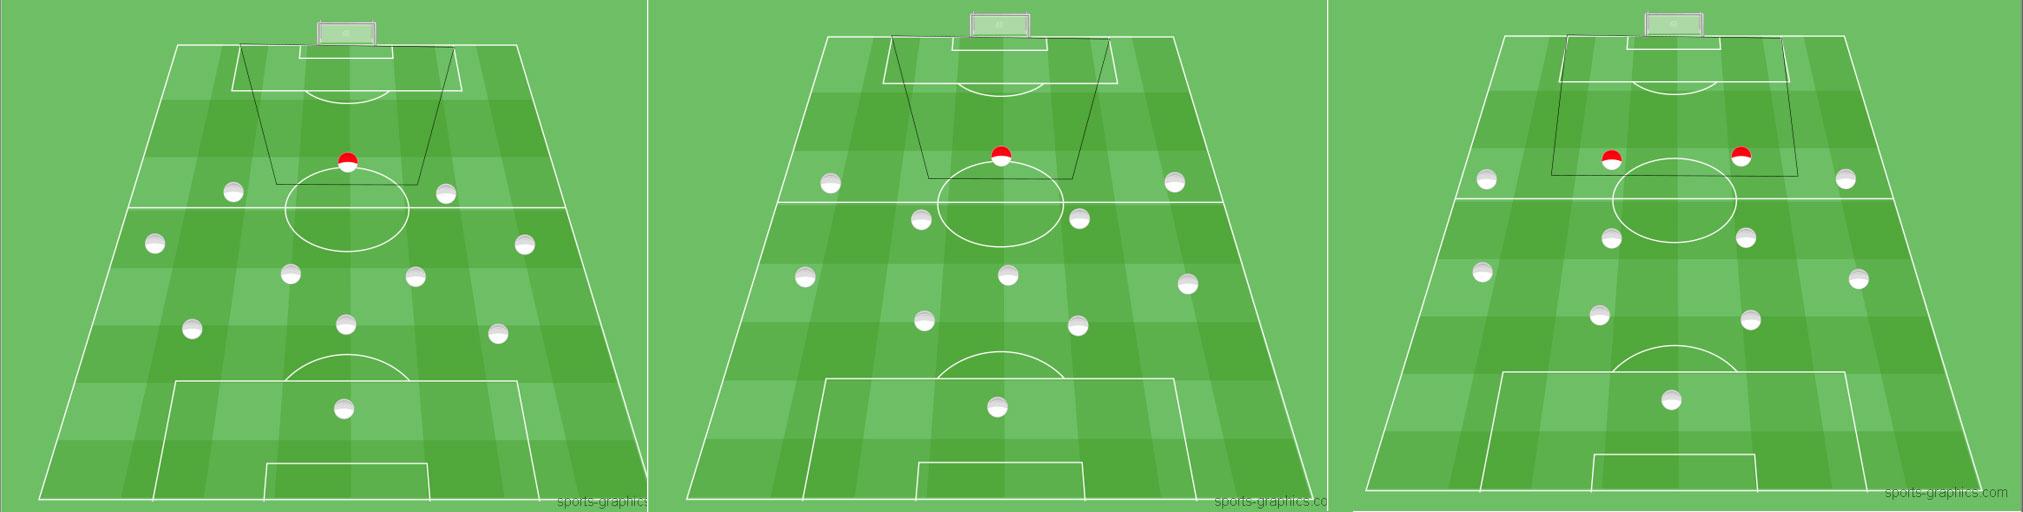 Das Positionsspiel des Stürmers im Fußball